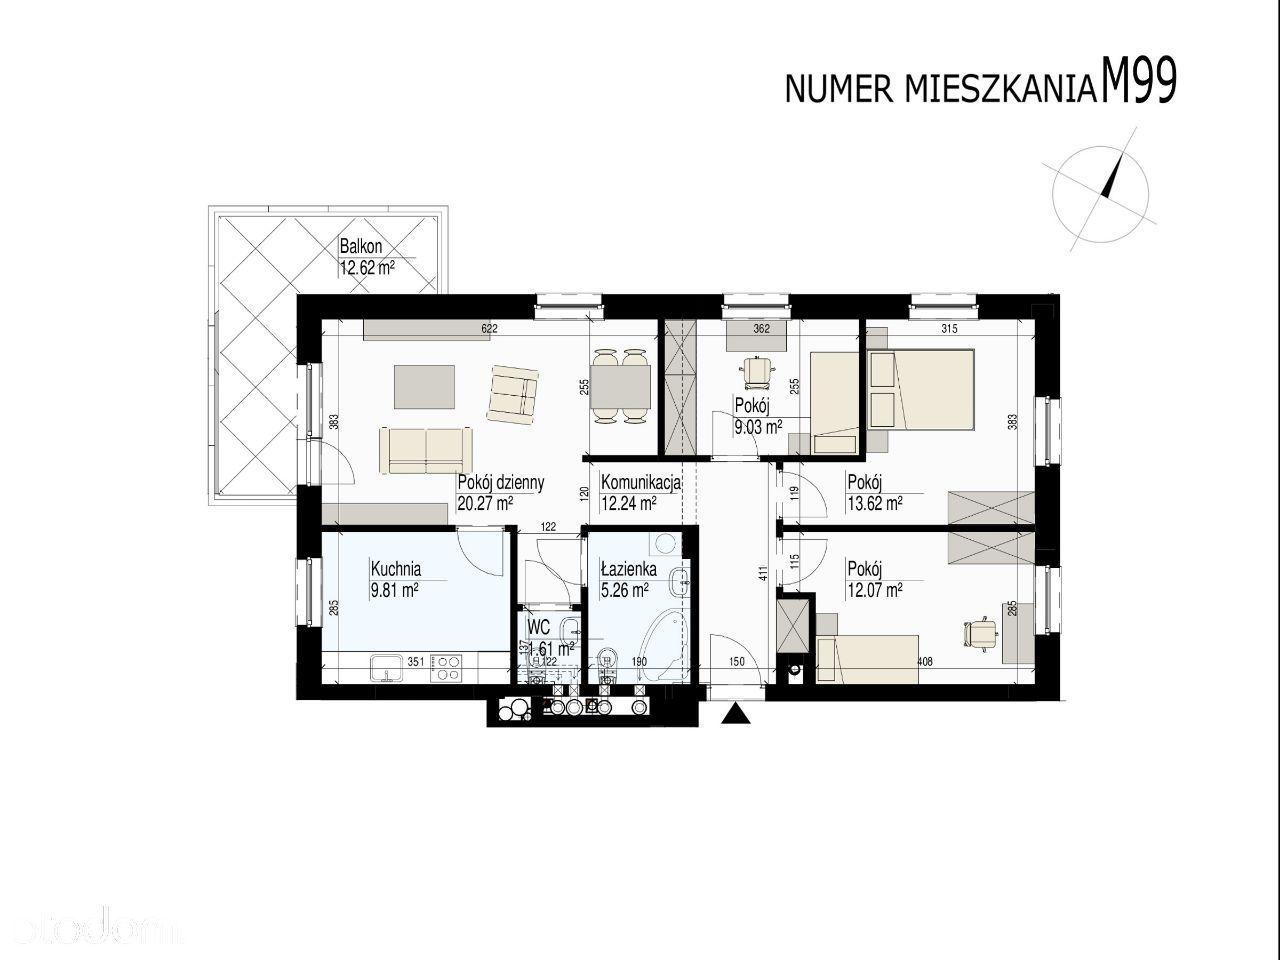 Mieszkanie na sprzedaż, Białystok, Wysoki Stoczek - Foto 10